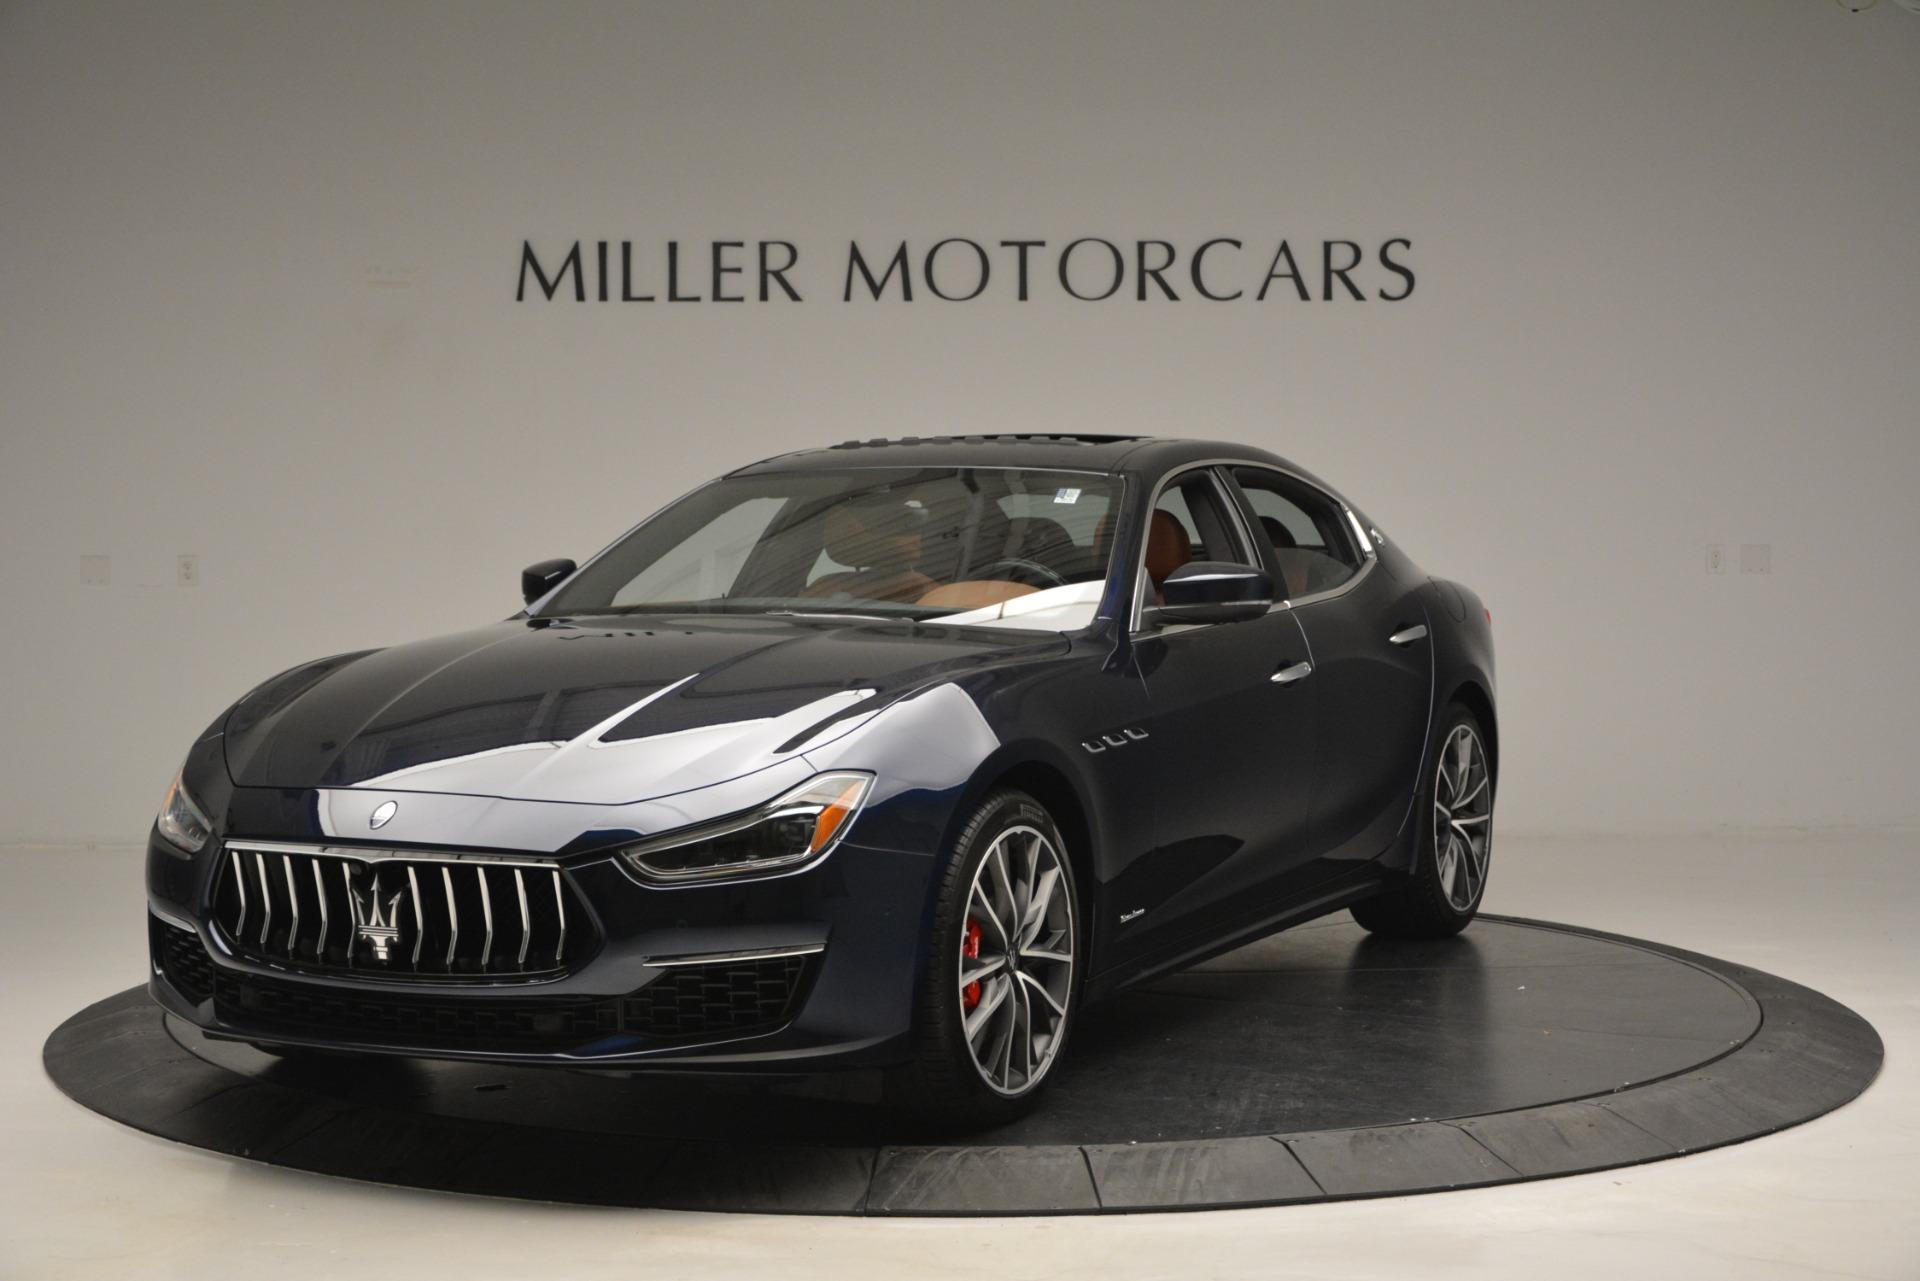 New 2019 Maserati Ghibli S Q4 GranLusso For Sale In Greenwich, CT. Alfa Romeo of Greenwich, M2251 2882_main